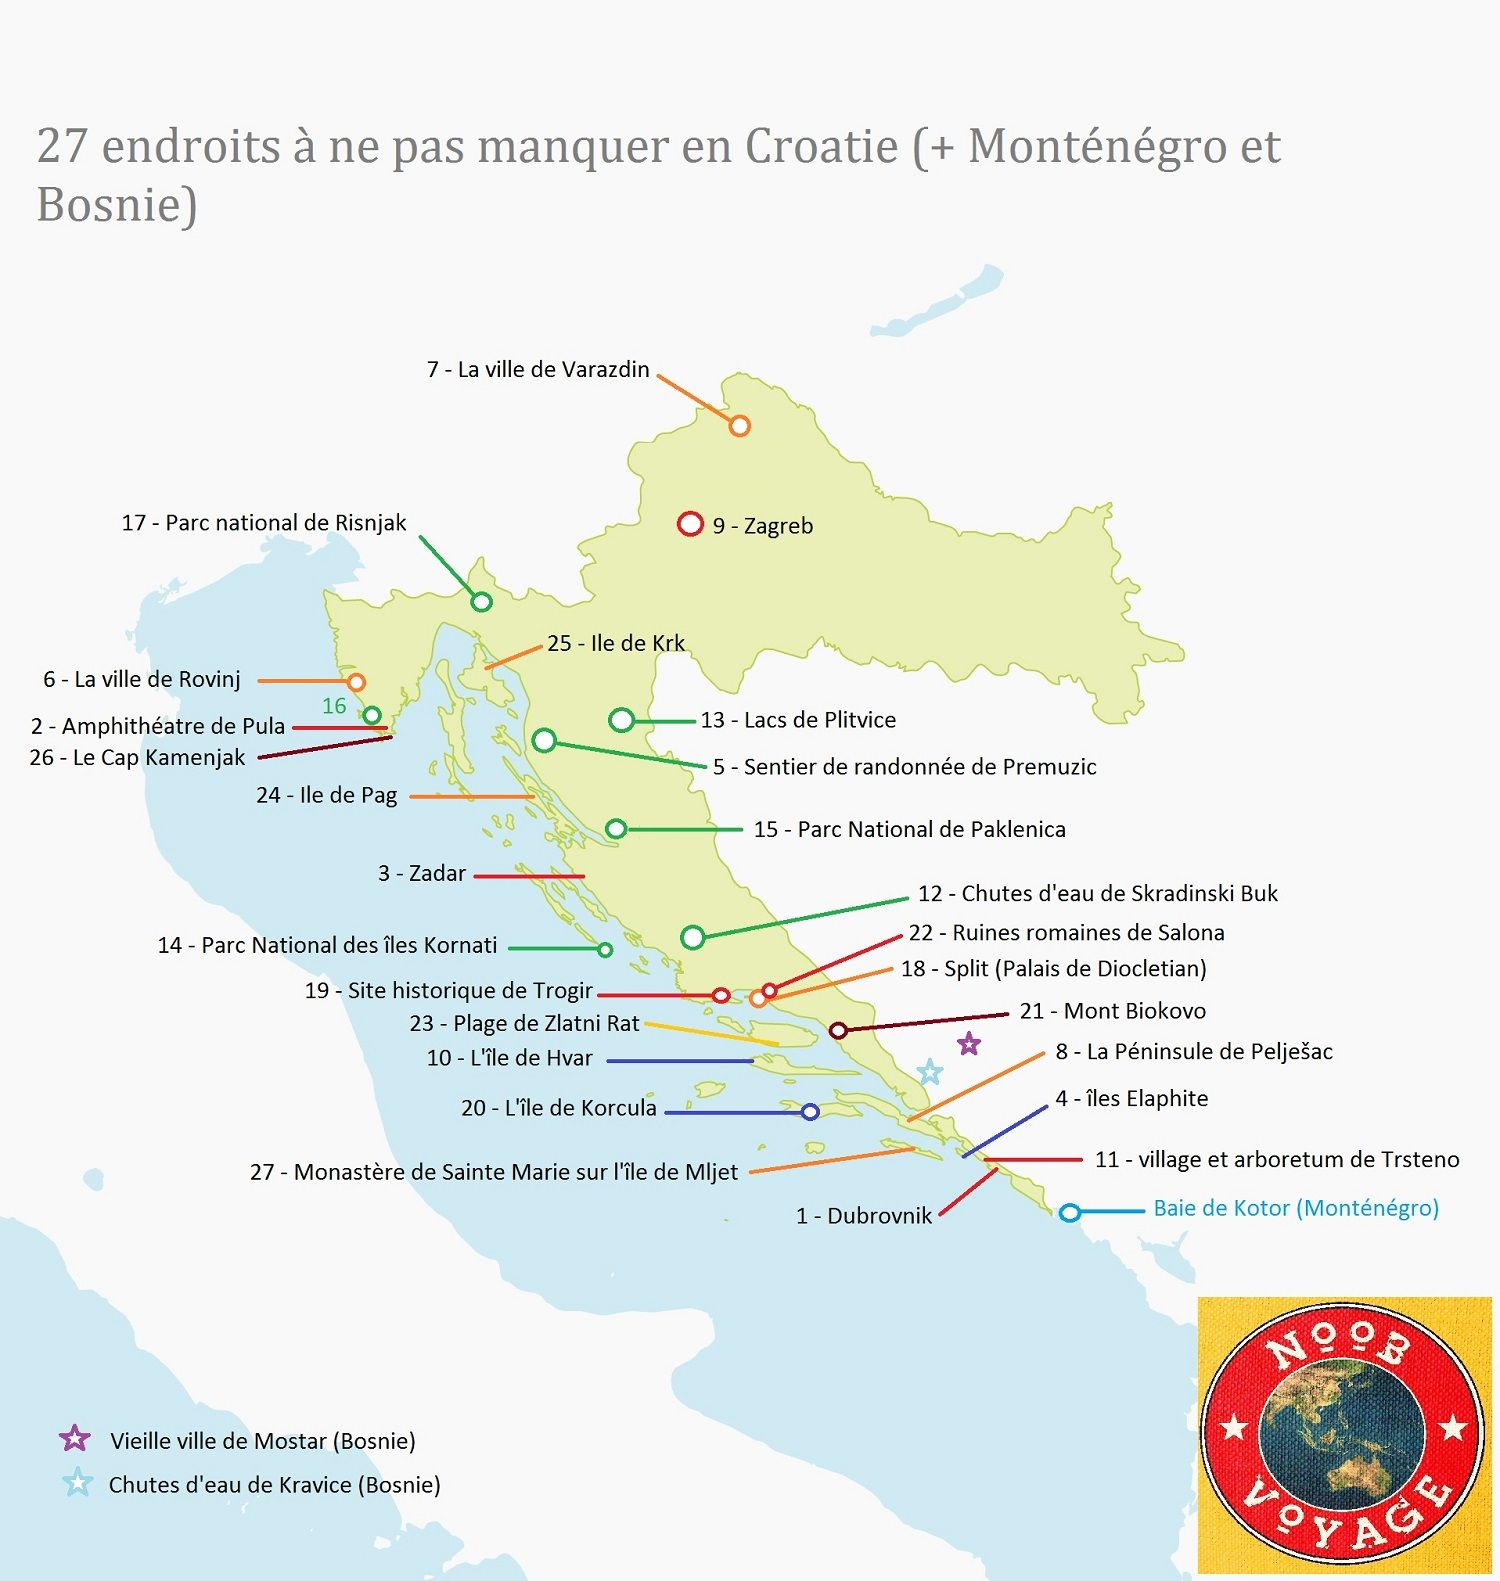 Carte Croatie Dubrovnik.Carte Croatie Detaillee Tourisme Croatie Plan Croatia